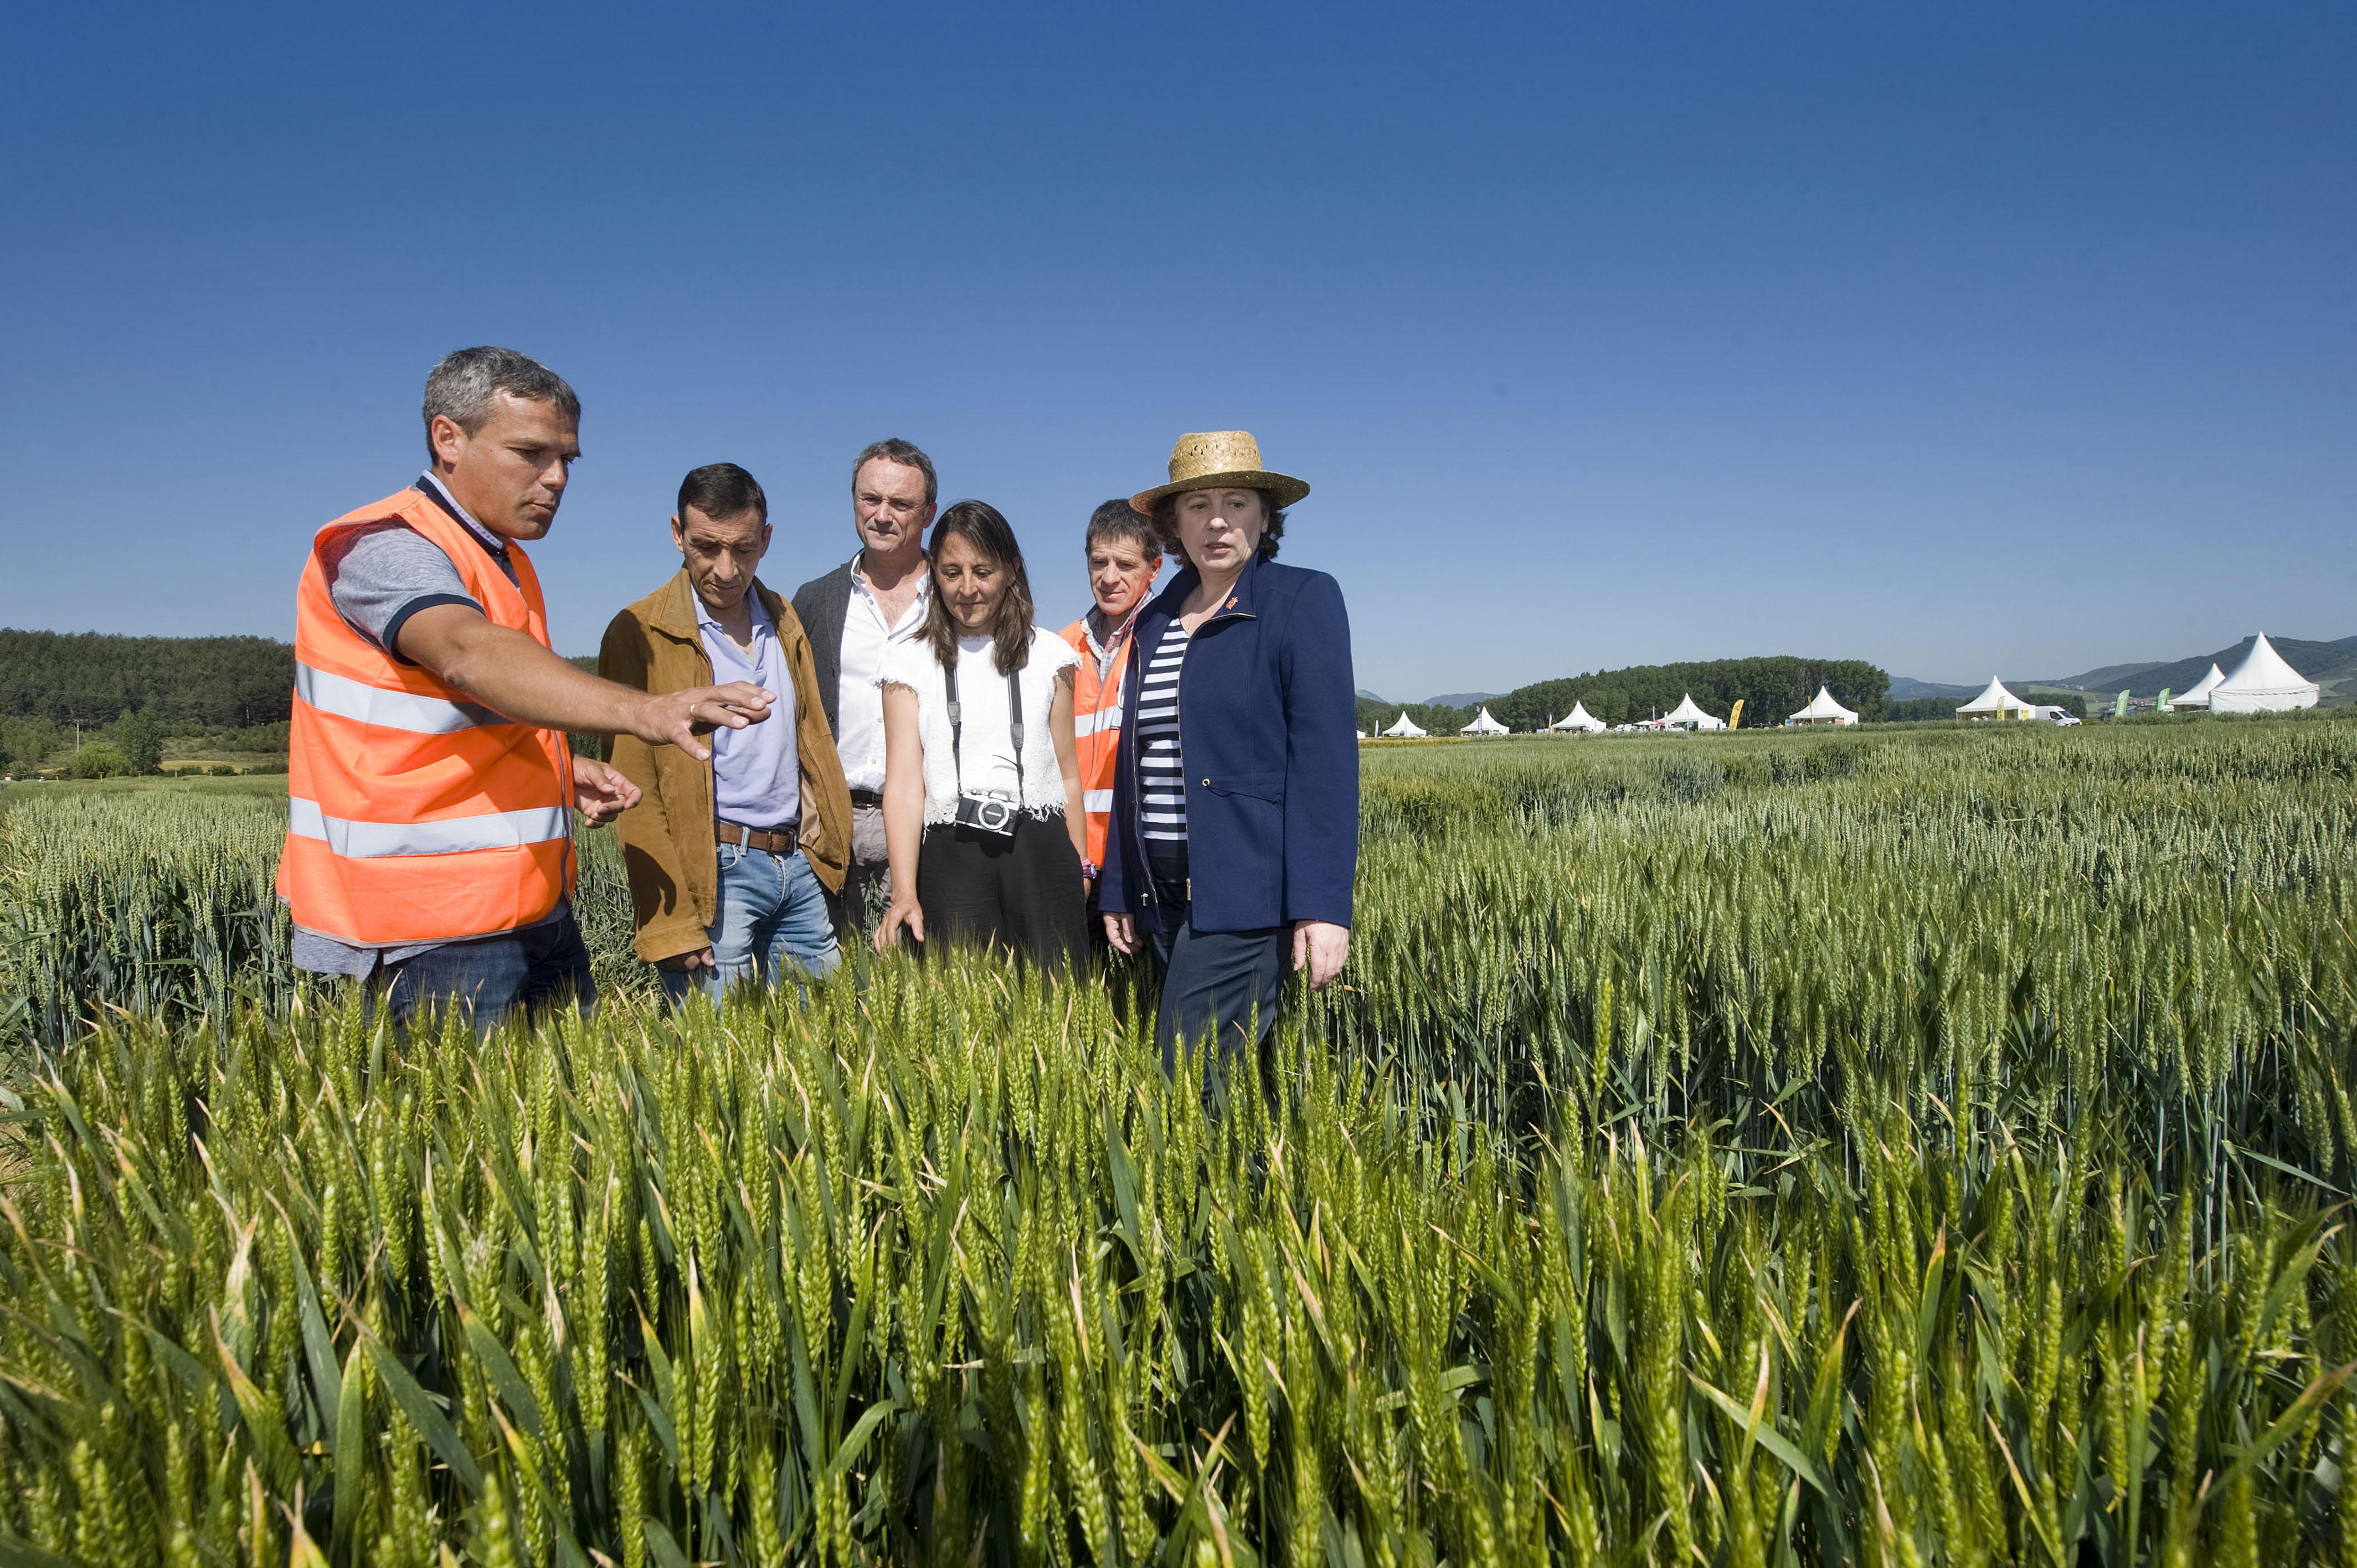 Imagen de la consejera Isabel Elizalde en un reciente encuentro sobre innovación agrícola.